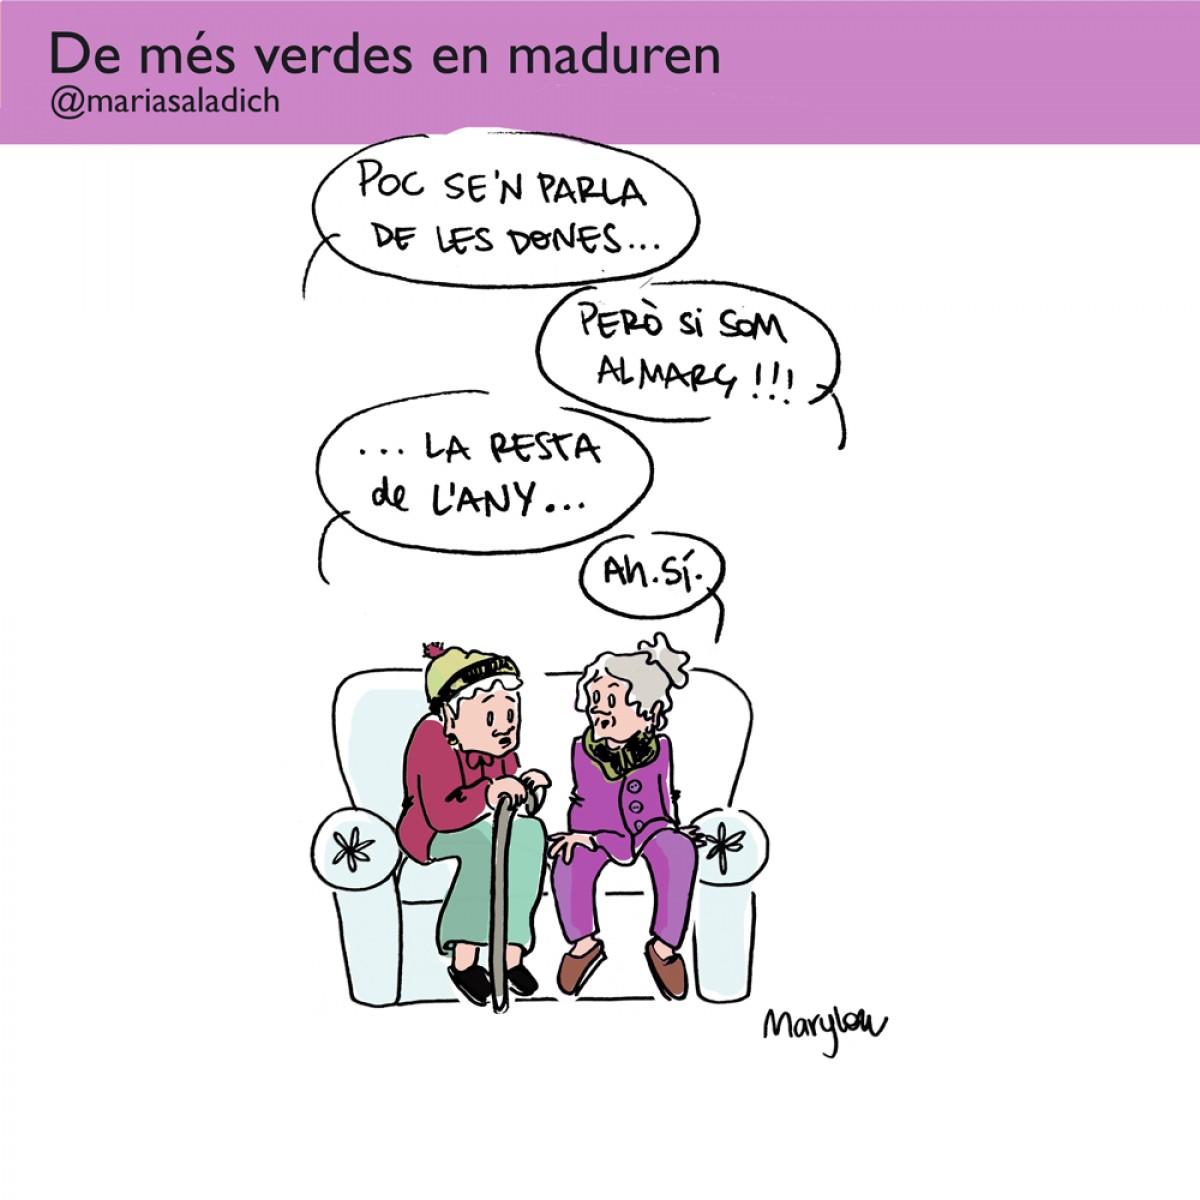 Poc se'n parla de les dones durant tot l'any, segons les iaies de la il·lustradora Maria Saladich